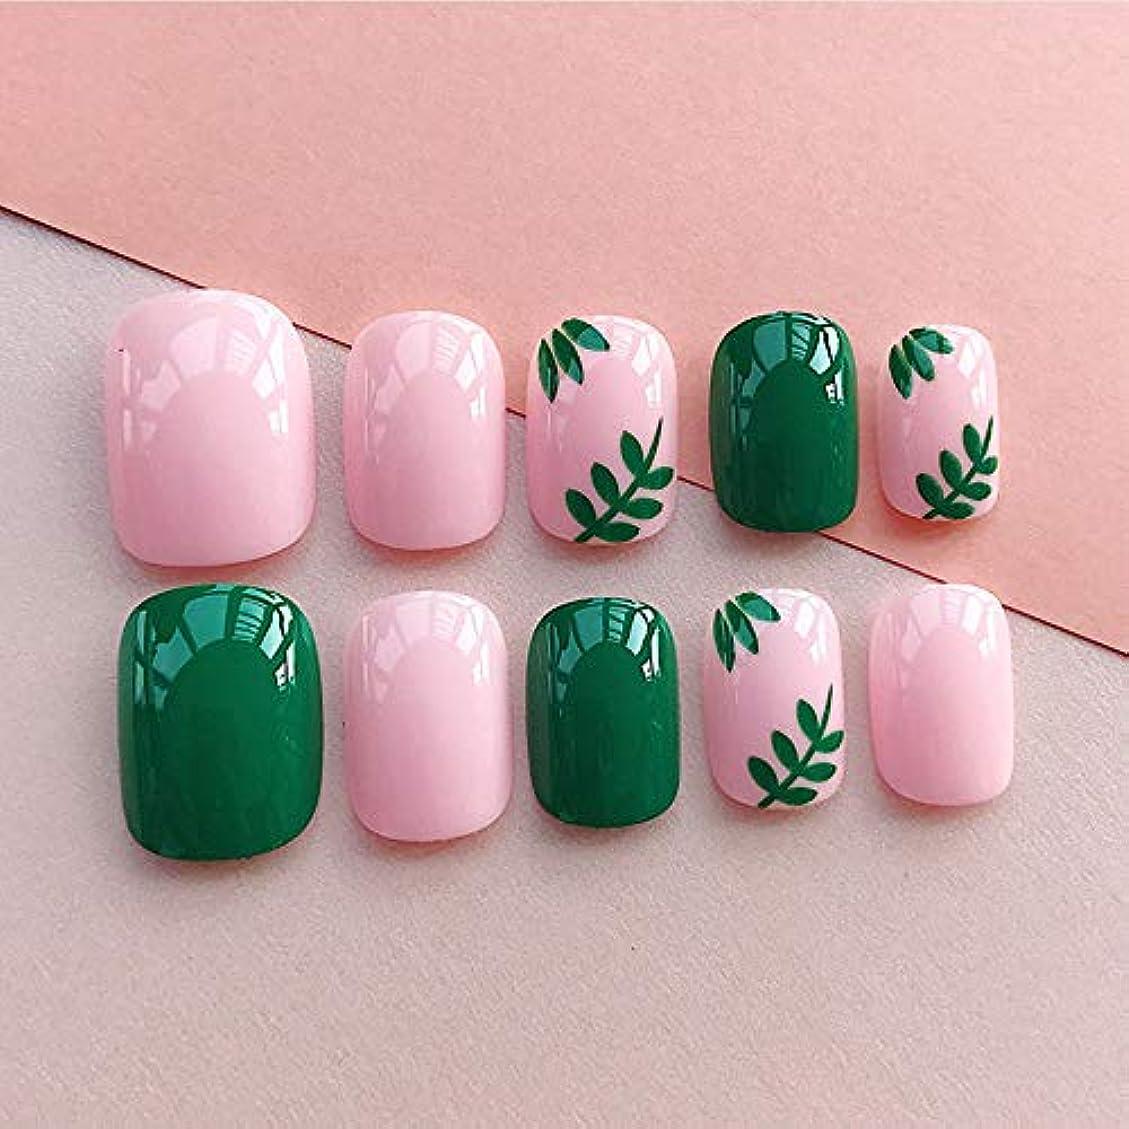 制限するいたずら牧草地LIARTY ネイルチップ 夏の ピンク 緑の葉 優雅 短い 四角形 フルカバー 24枚 12別サイズ つ